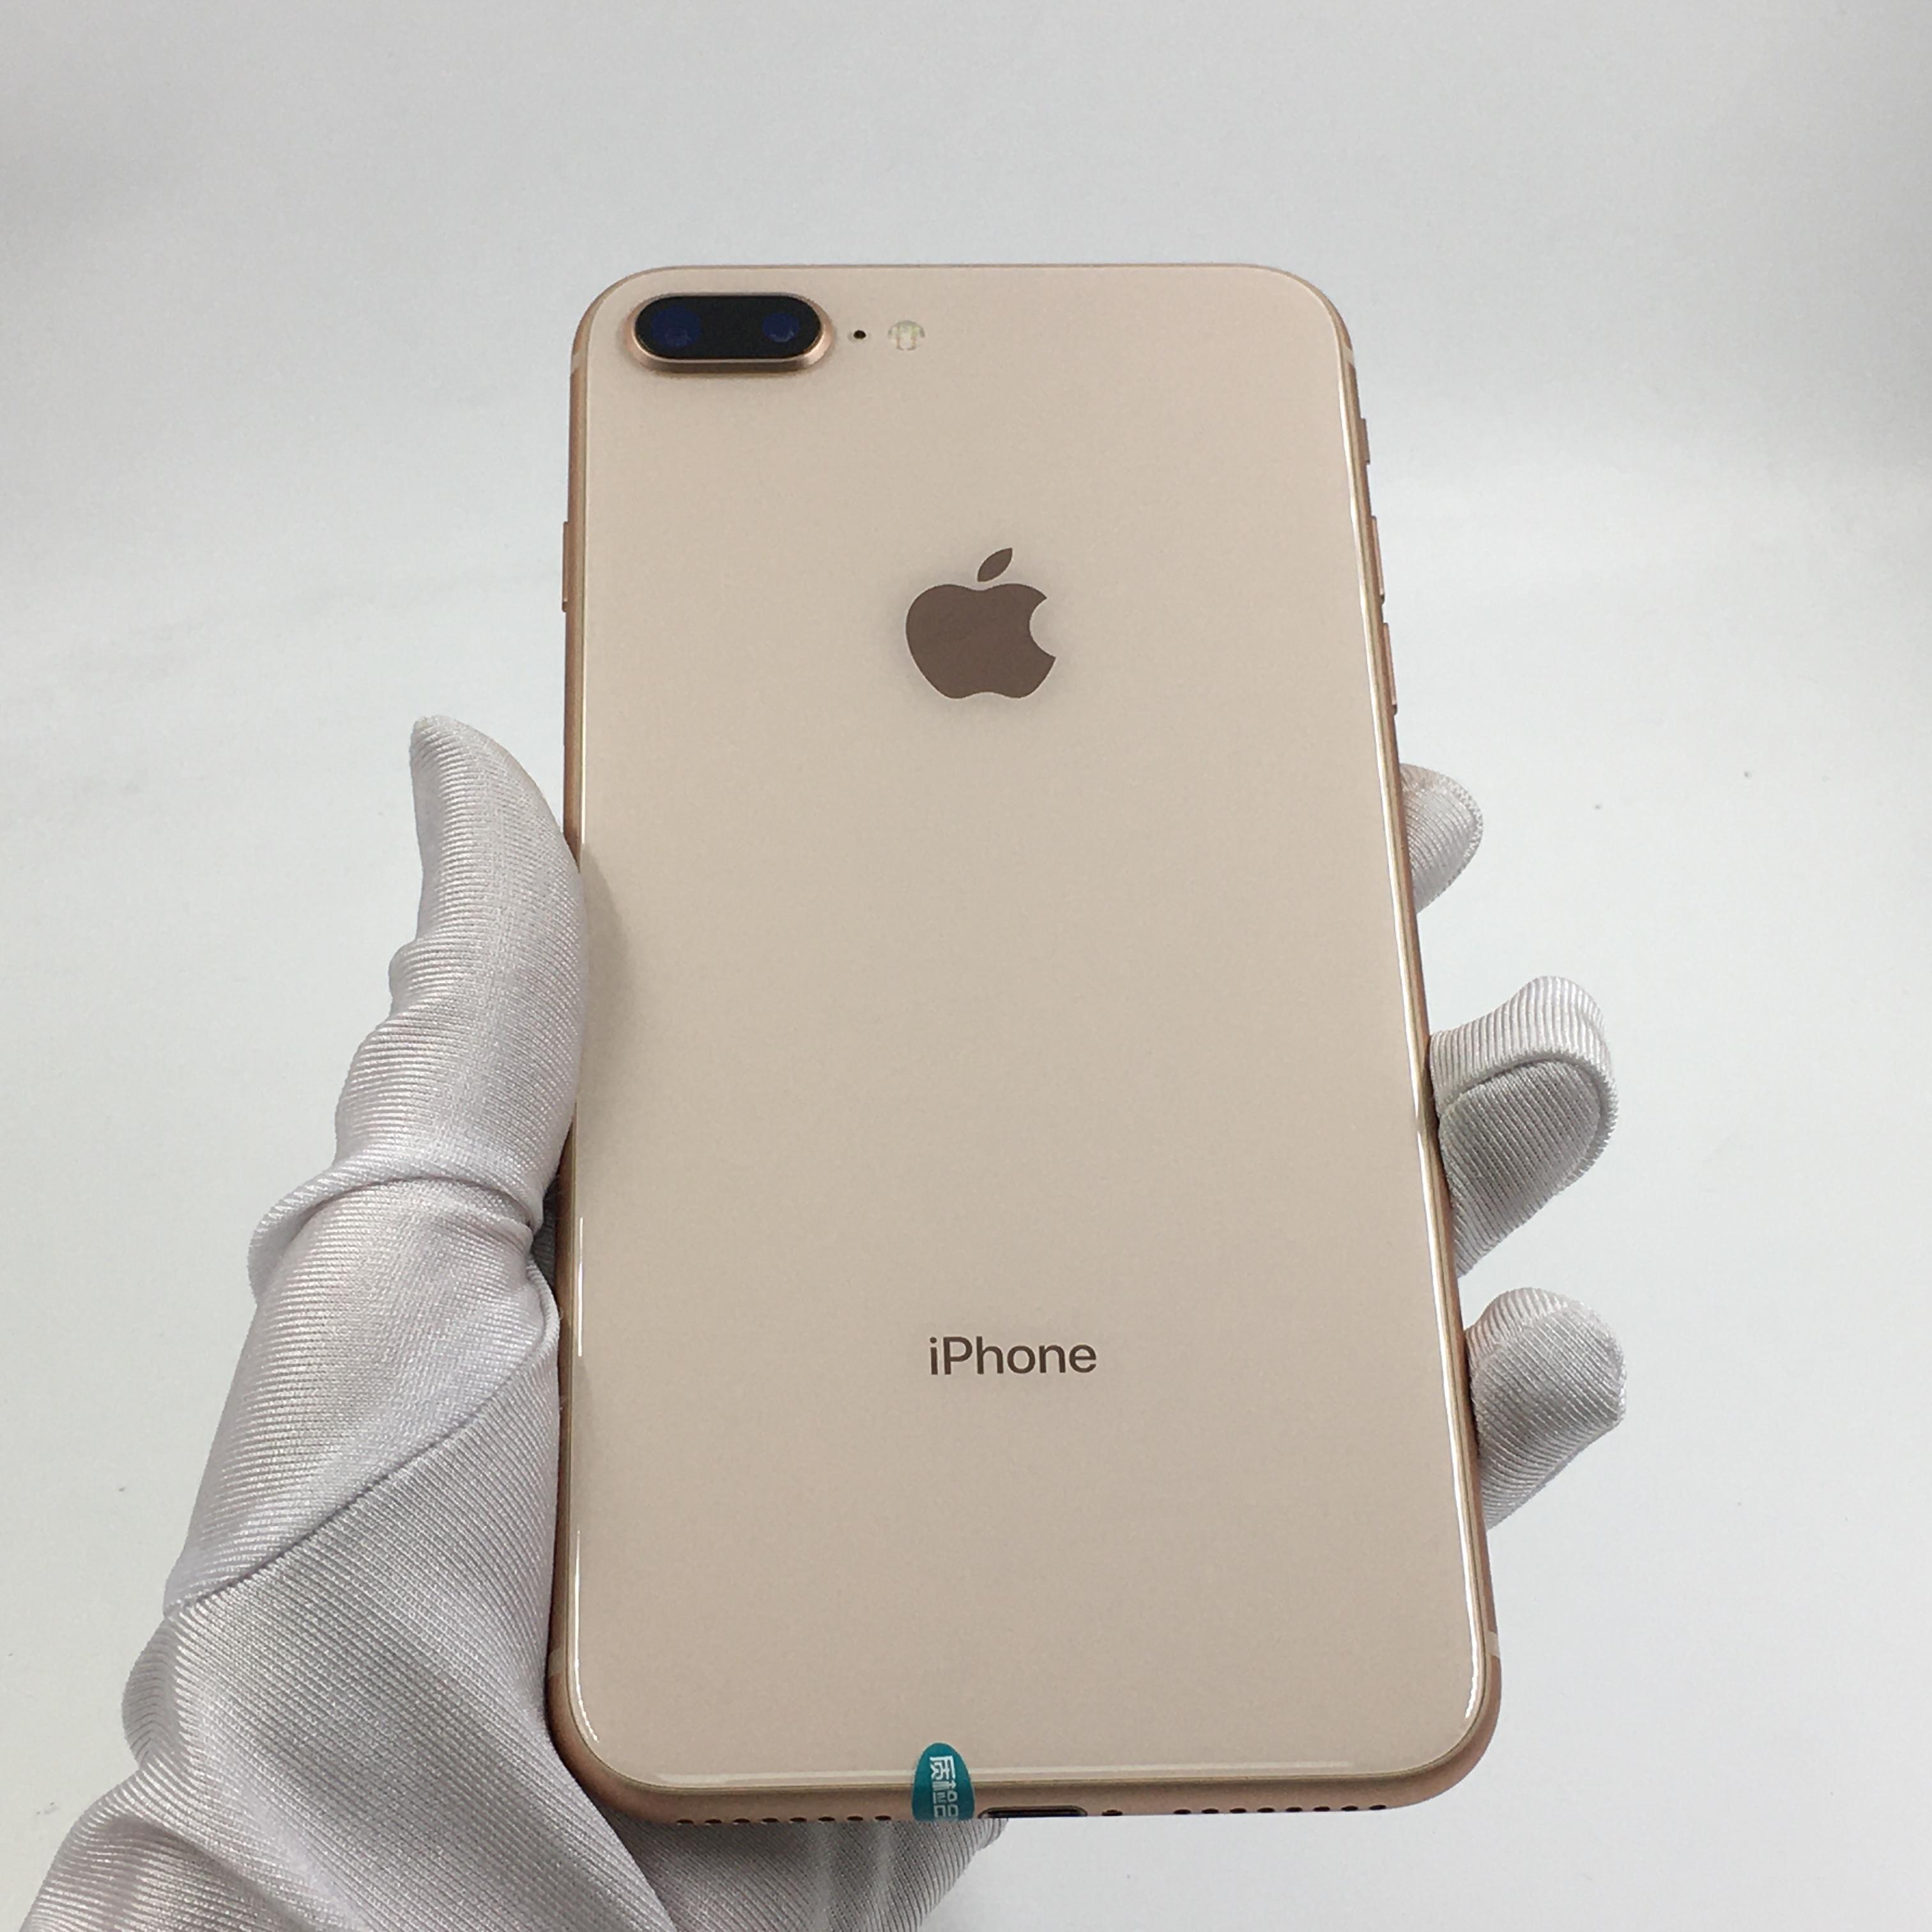 苹果【iPhone 8 Plus】4G全网通 金色 64G 国行 8成新 64G真机实拍